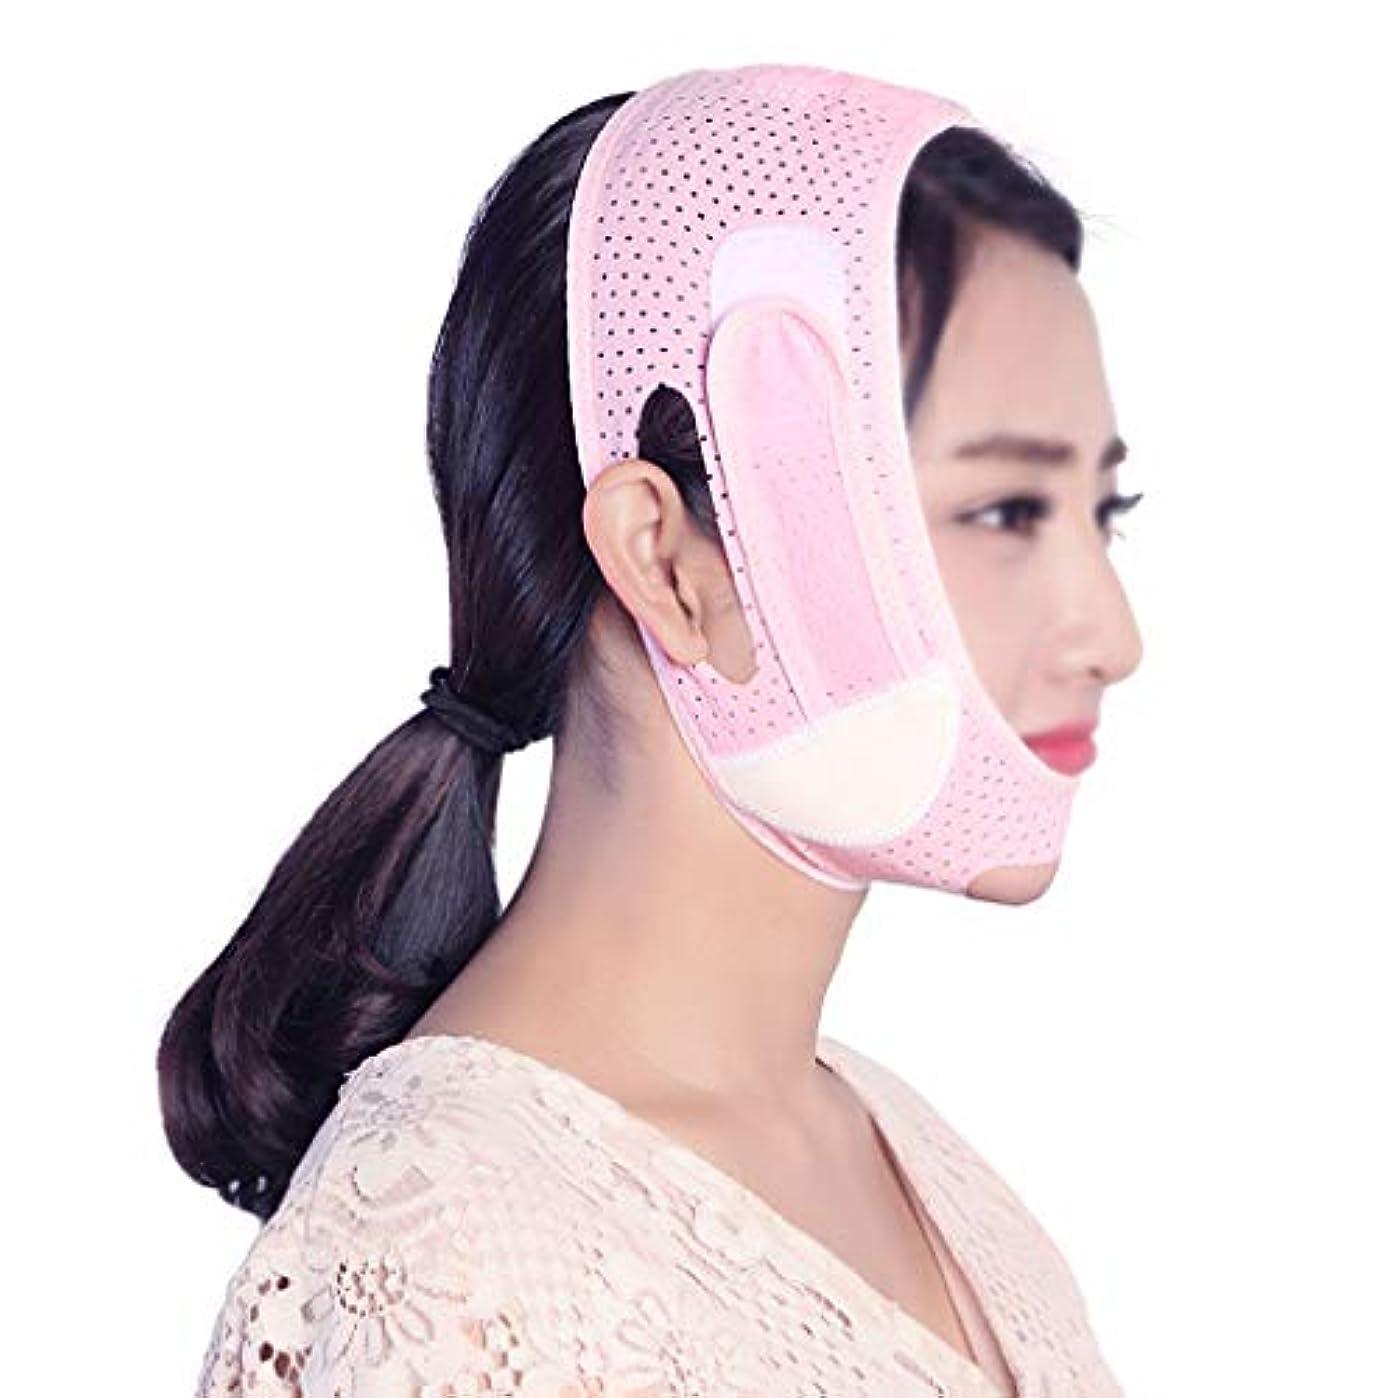 大きい理解する落胆させるTLMY スリムな包帯フェイシャルトリートメント強化フェイシャルチークV型アンチリンクルダブルチンビューティツール 顔用整形マスク